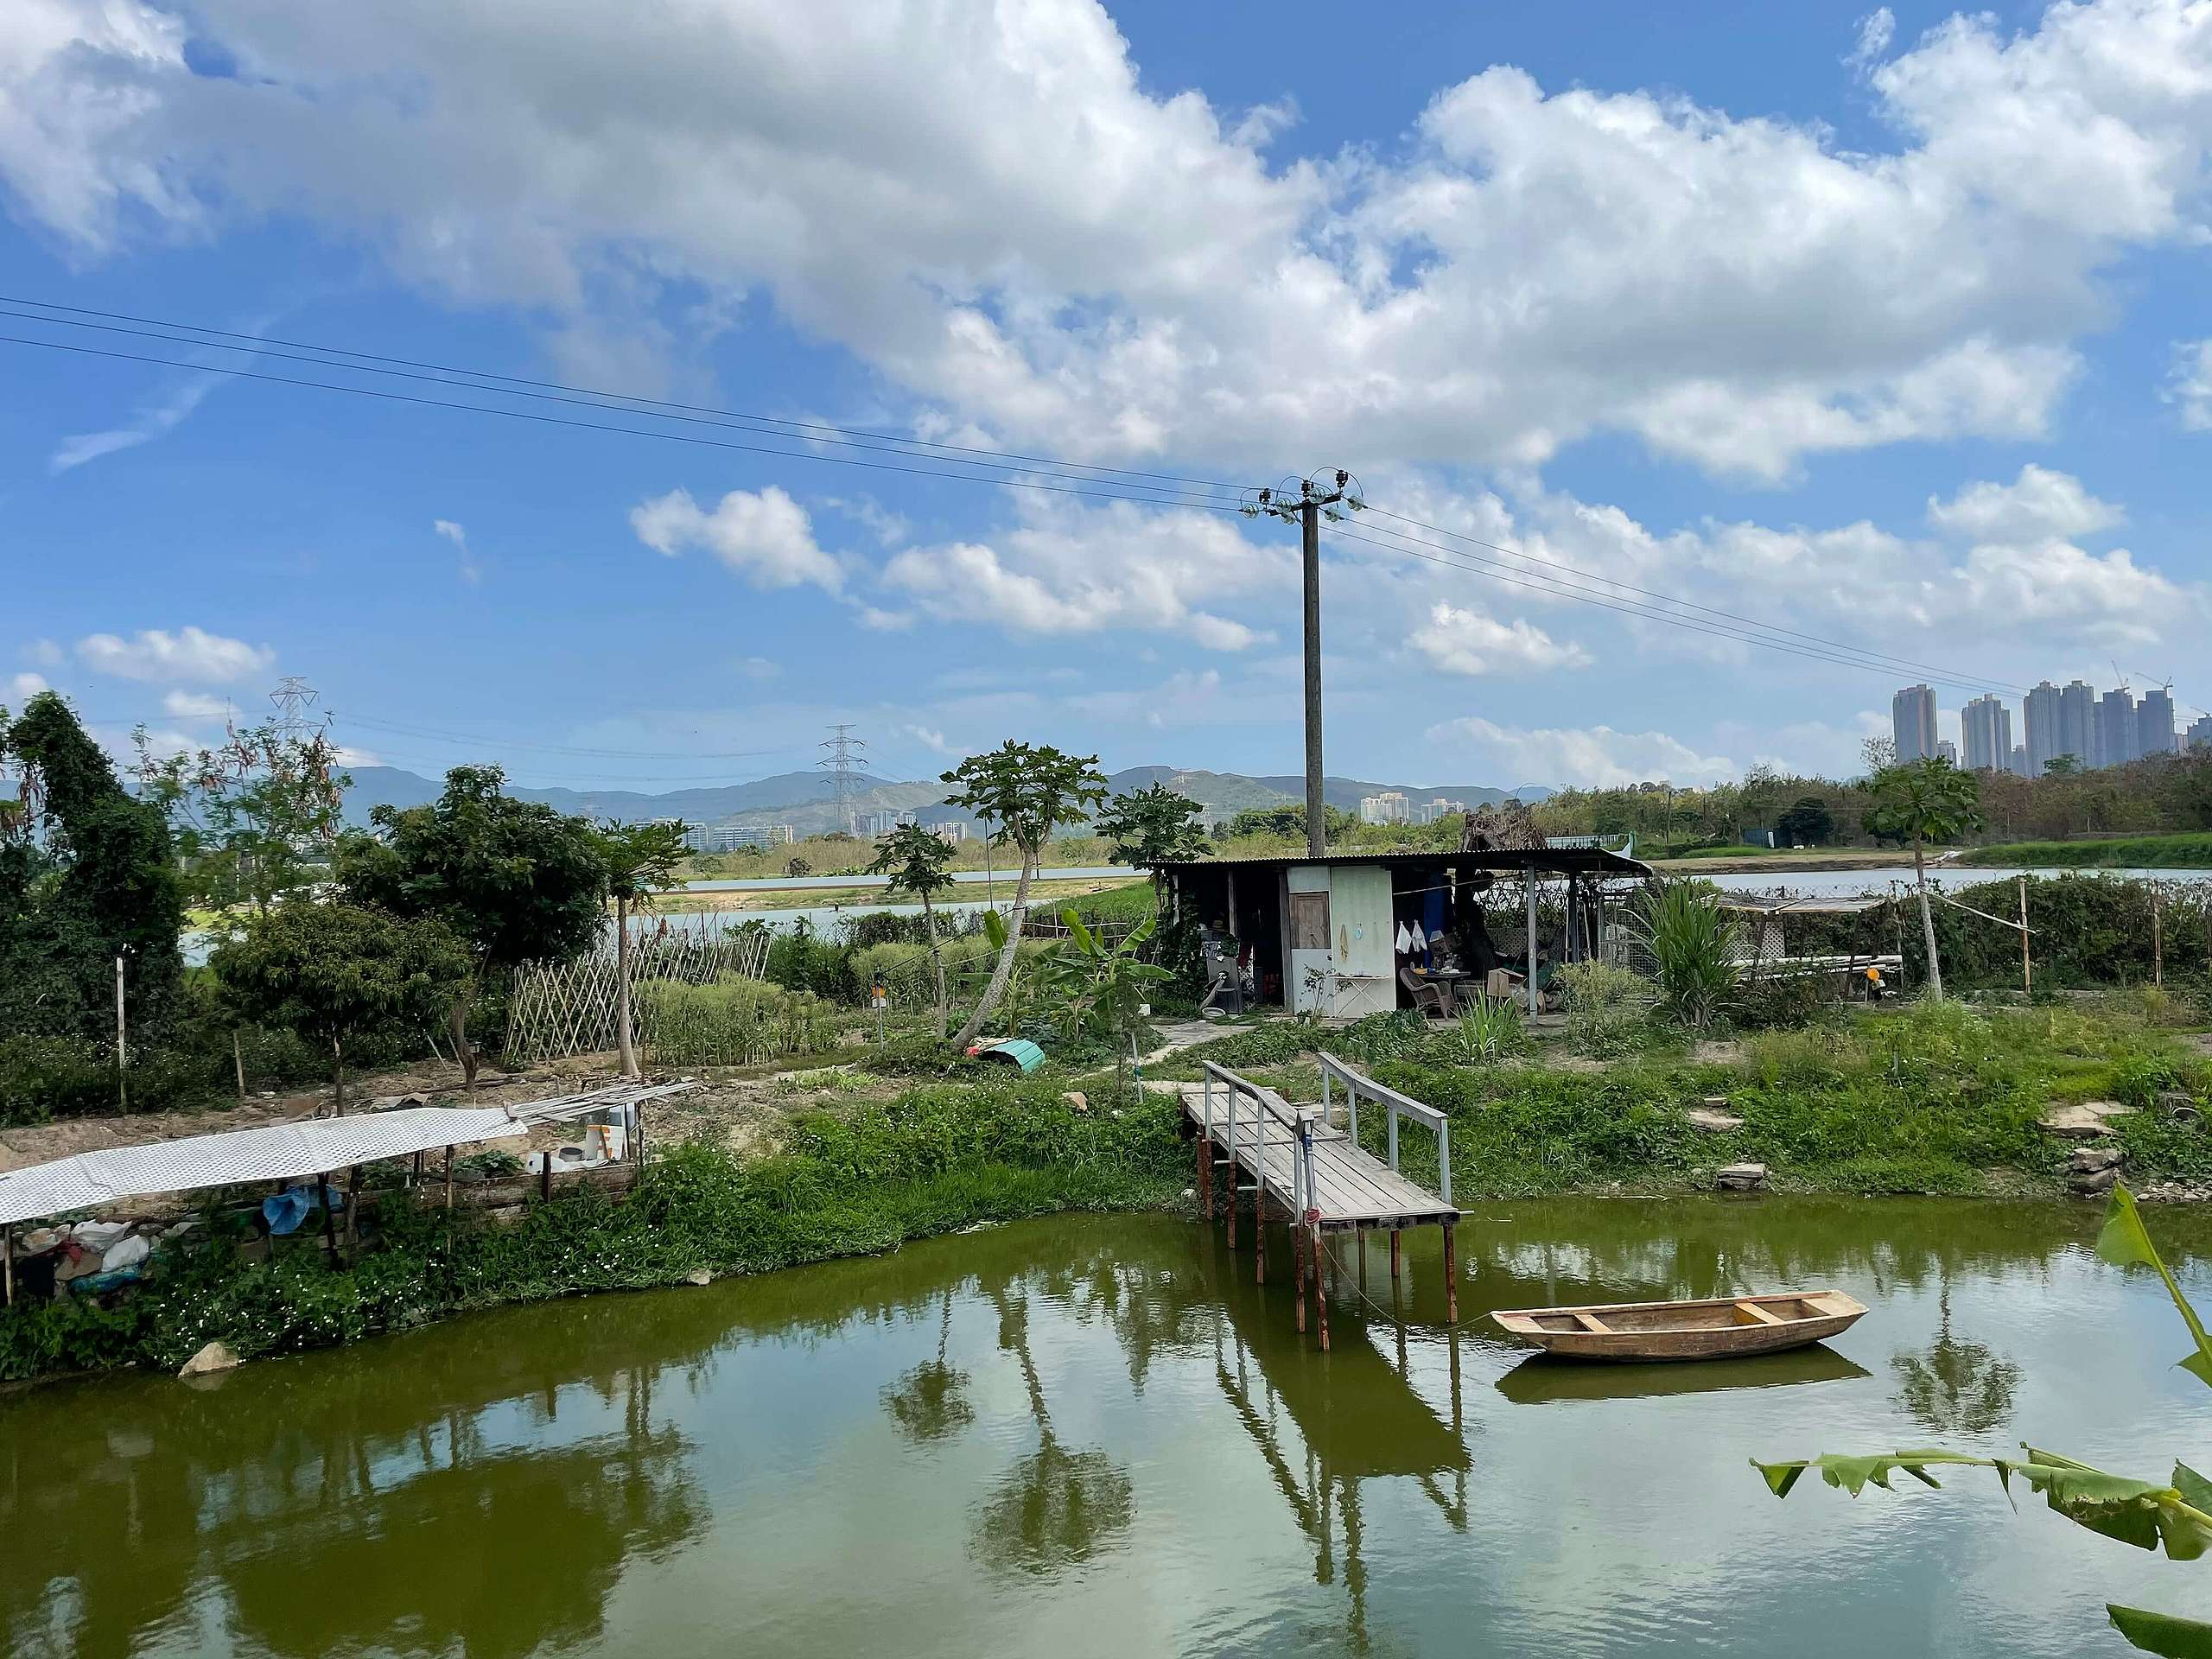 單車徑兩旁有不少農田、魚塘和濕地,是都市人較少接觸的田園風光。©ABCAT / Greenpeace